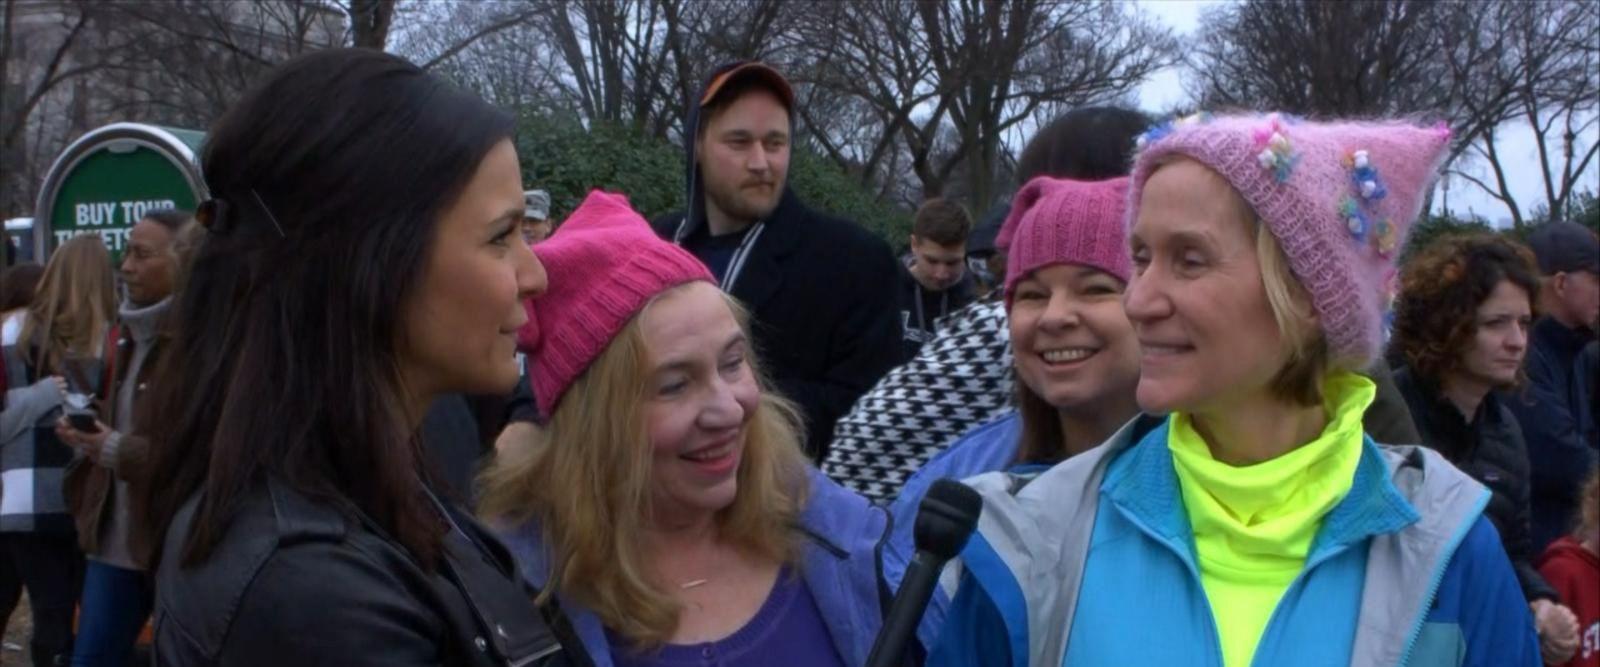 VIDEO: D.C. Women's March Almost Underway